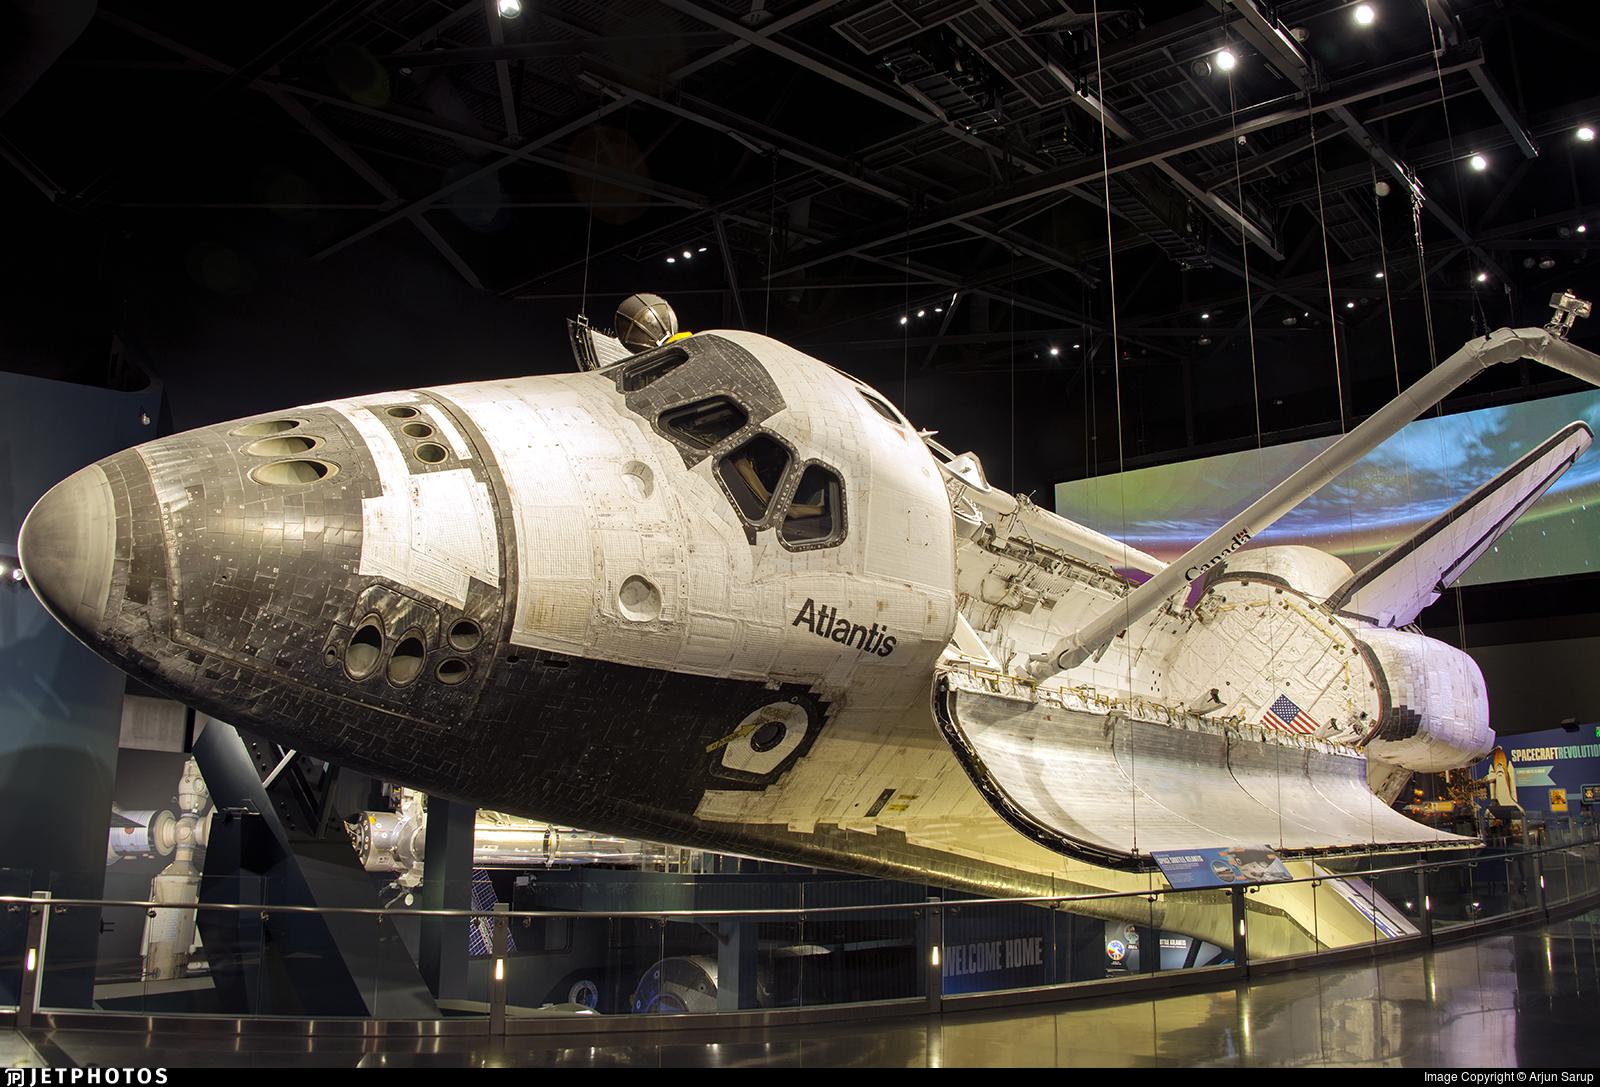 space shuttle orbiter atlantis - photo #10